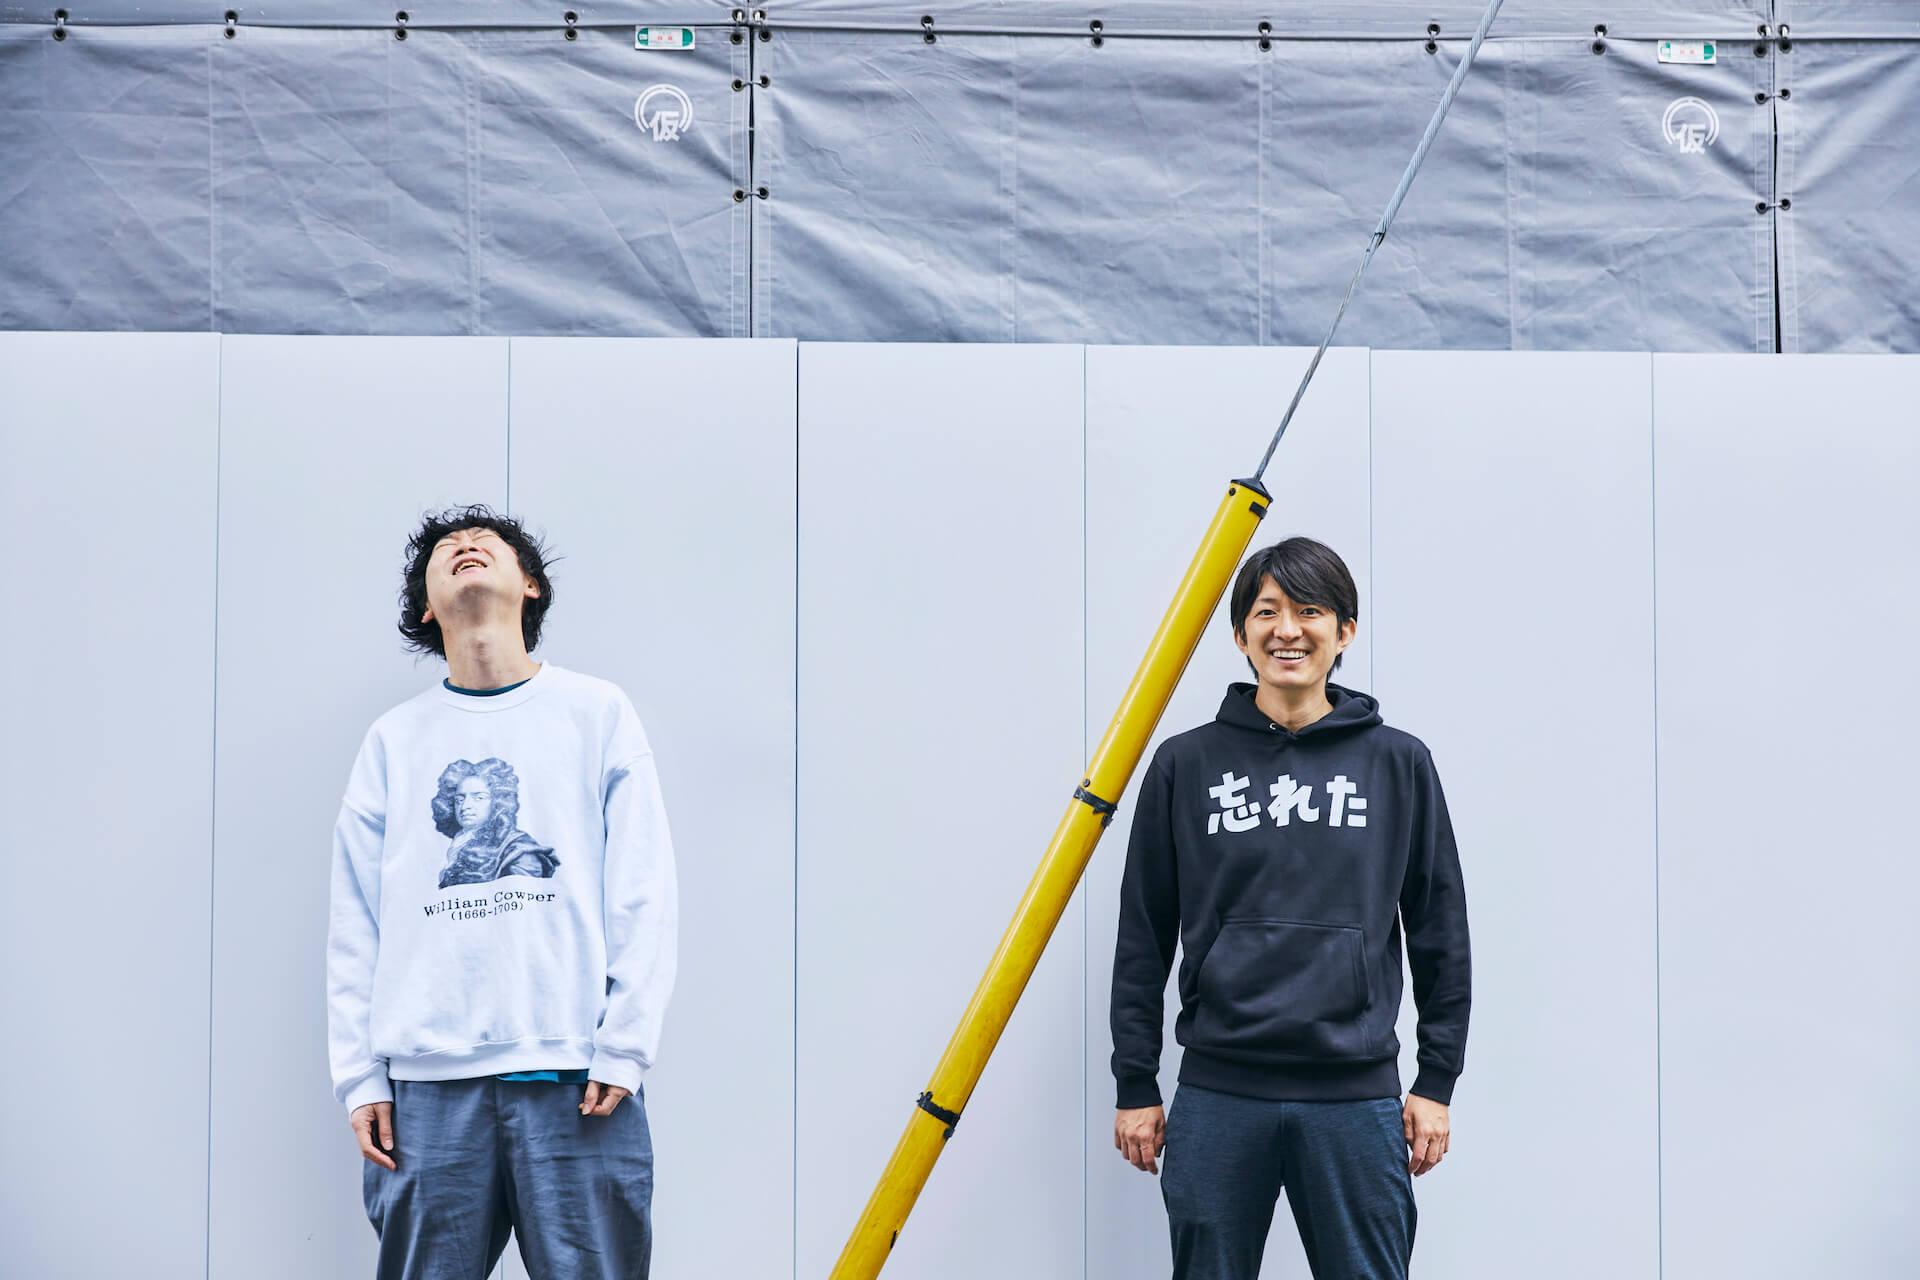 対談:澤田智洋(『マイノリティデザイン』)×柴田隆浩(忘れらんねえよ) 負けてる世界は美しい、それを愛して歌うというデザイン interview210419_sawada-04